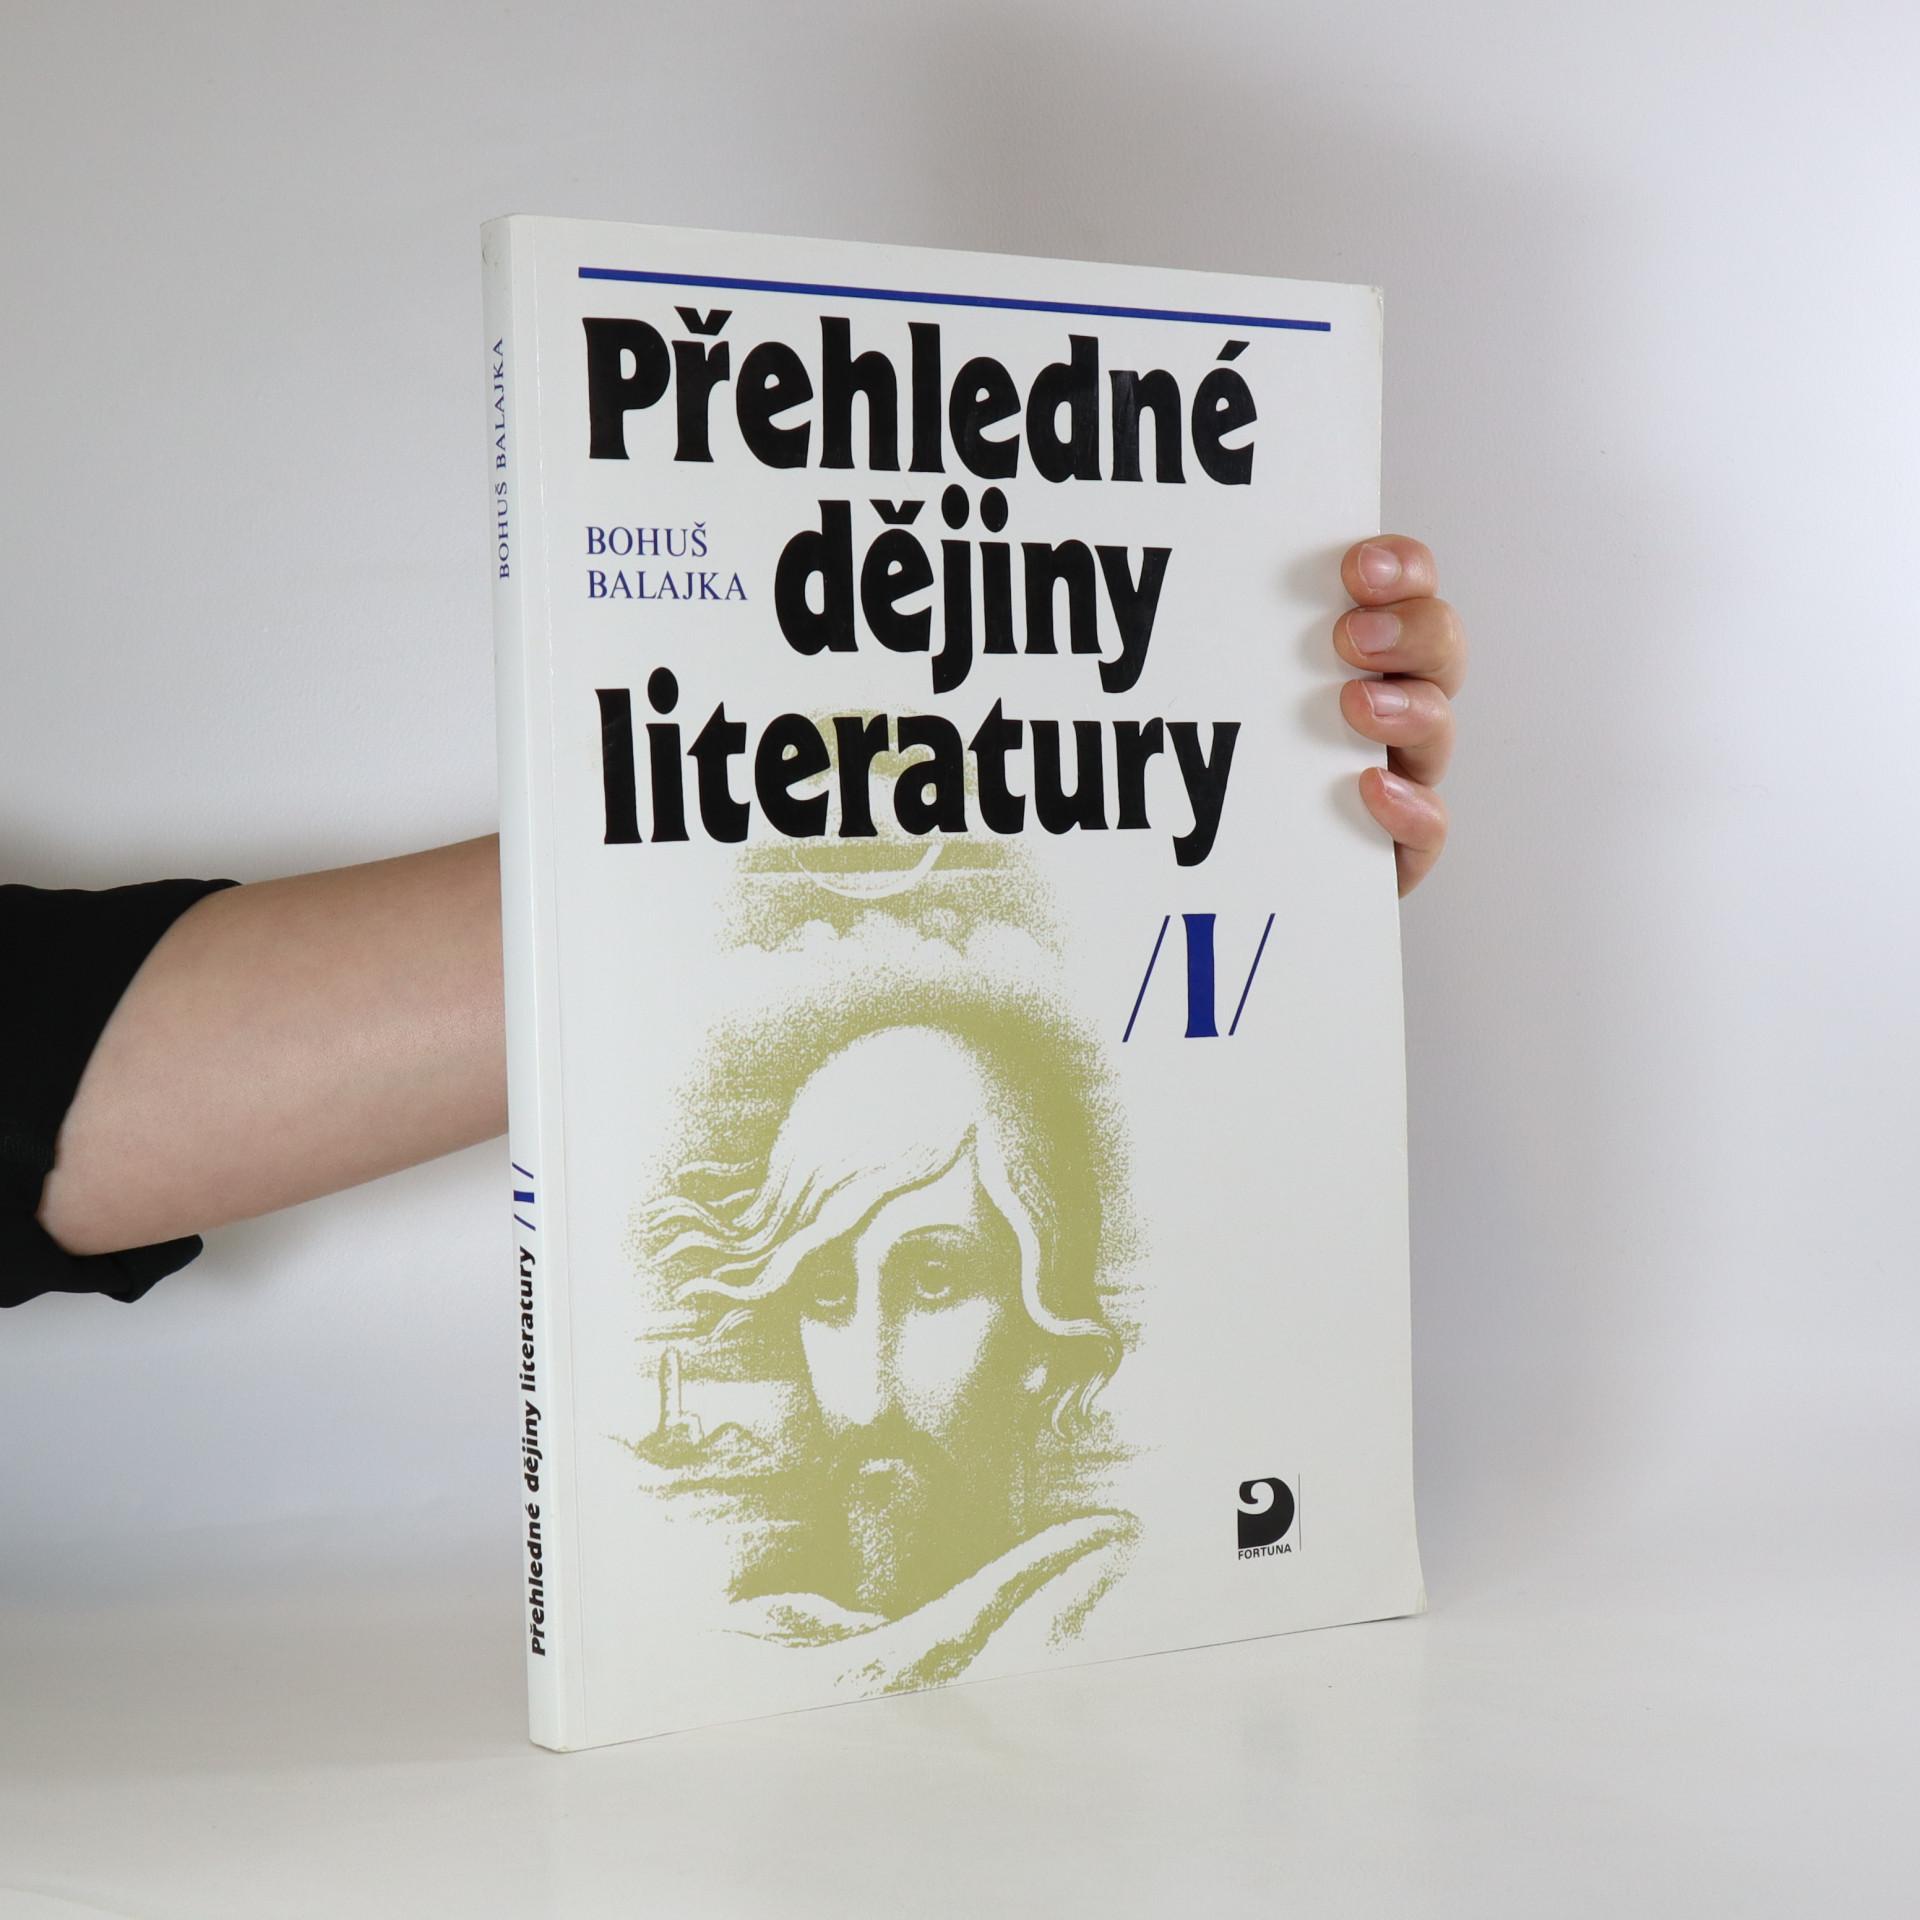 antikvární kniha Přehledné dějiny literatury. I. díl, 2001